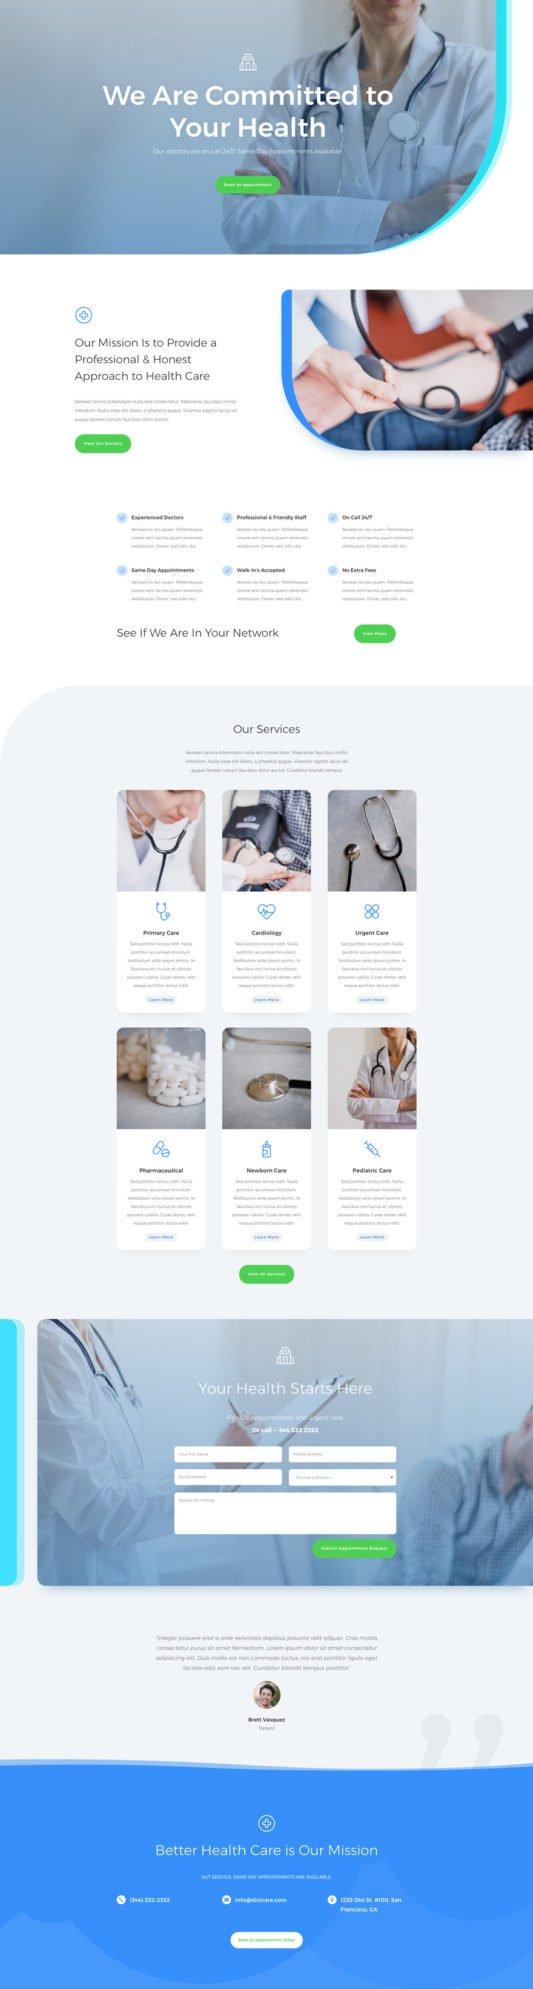 Elegant Themes - Divi - doctors-office-landing-page-533x1989